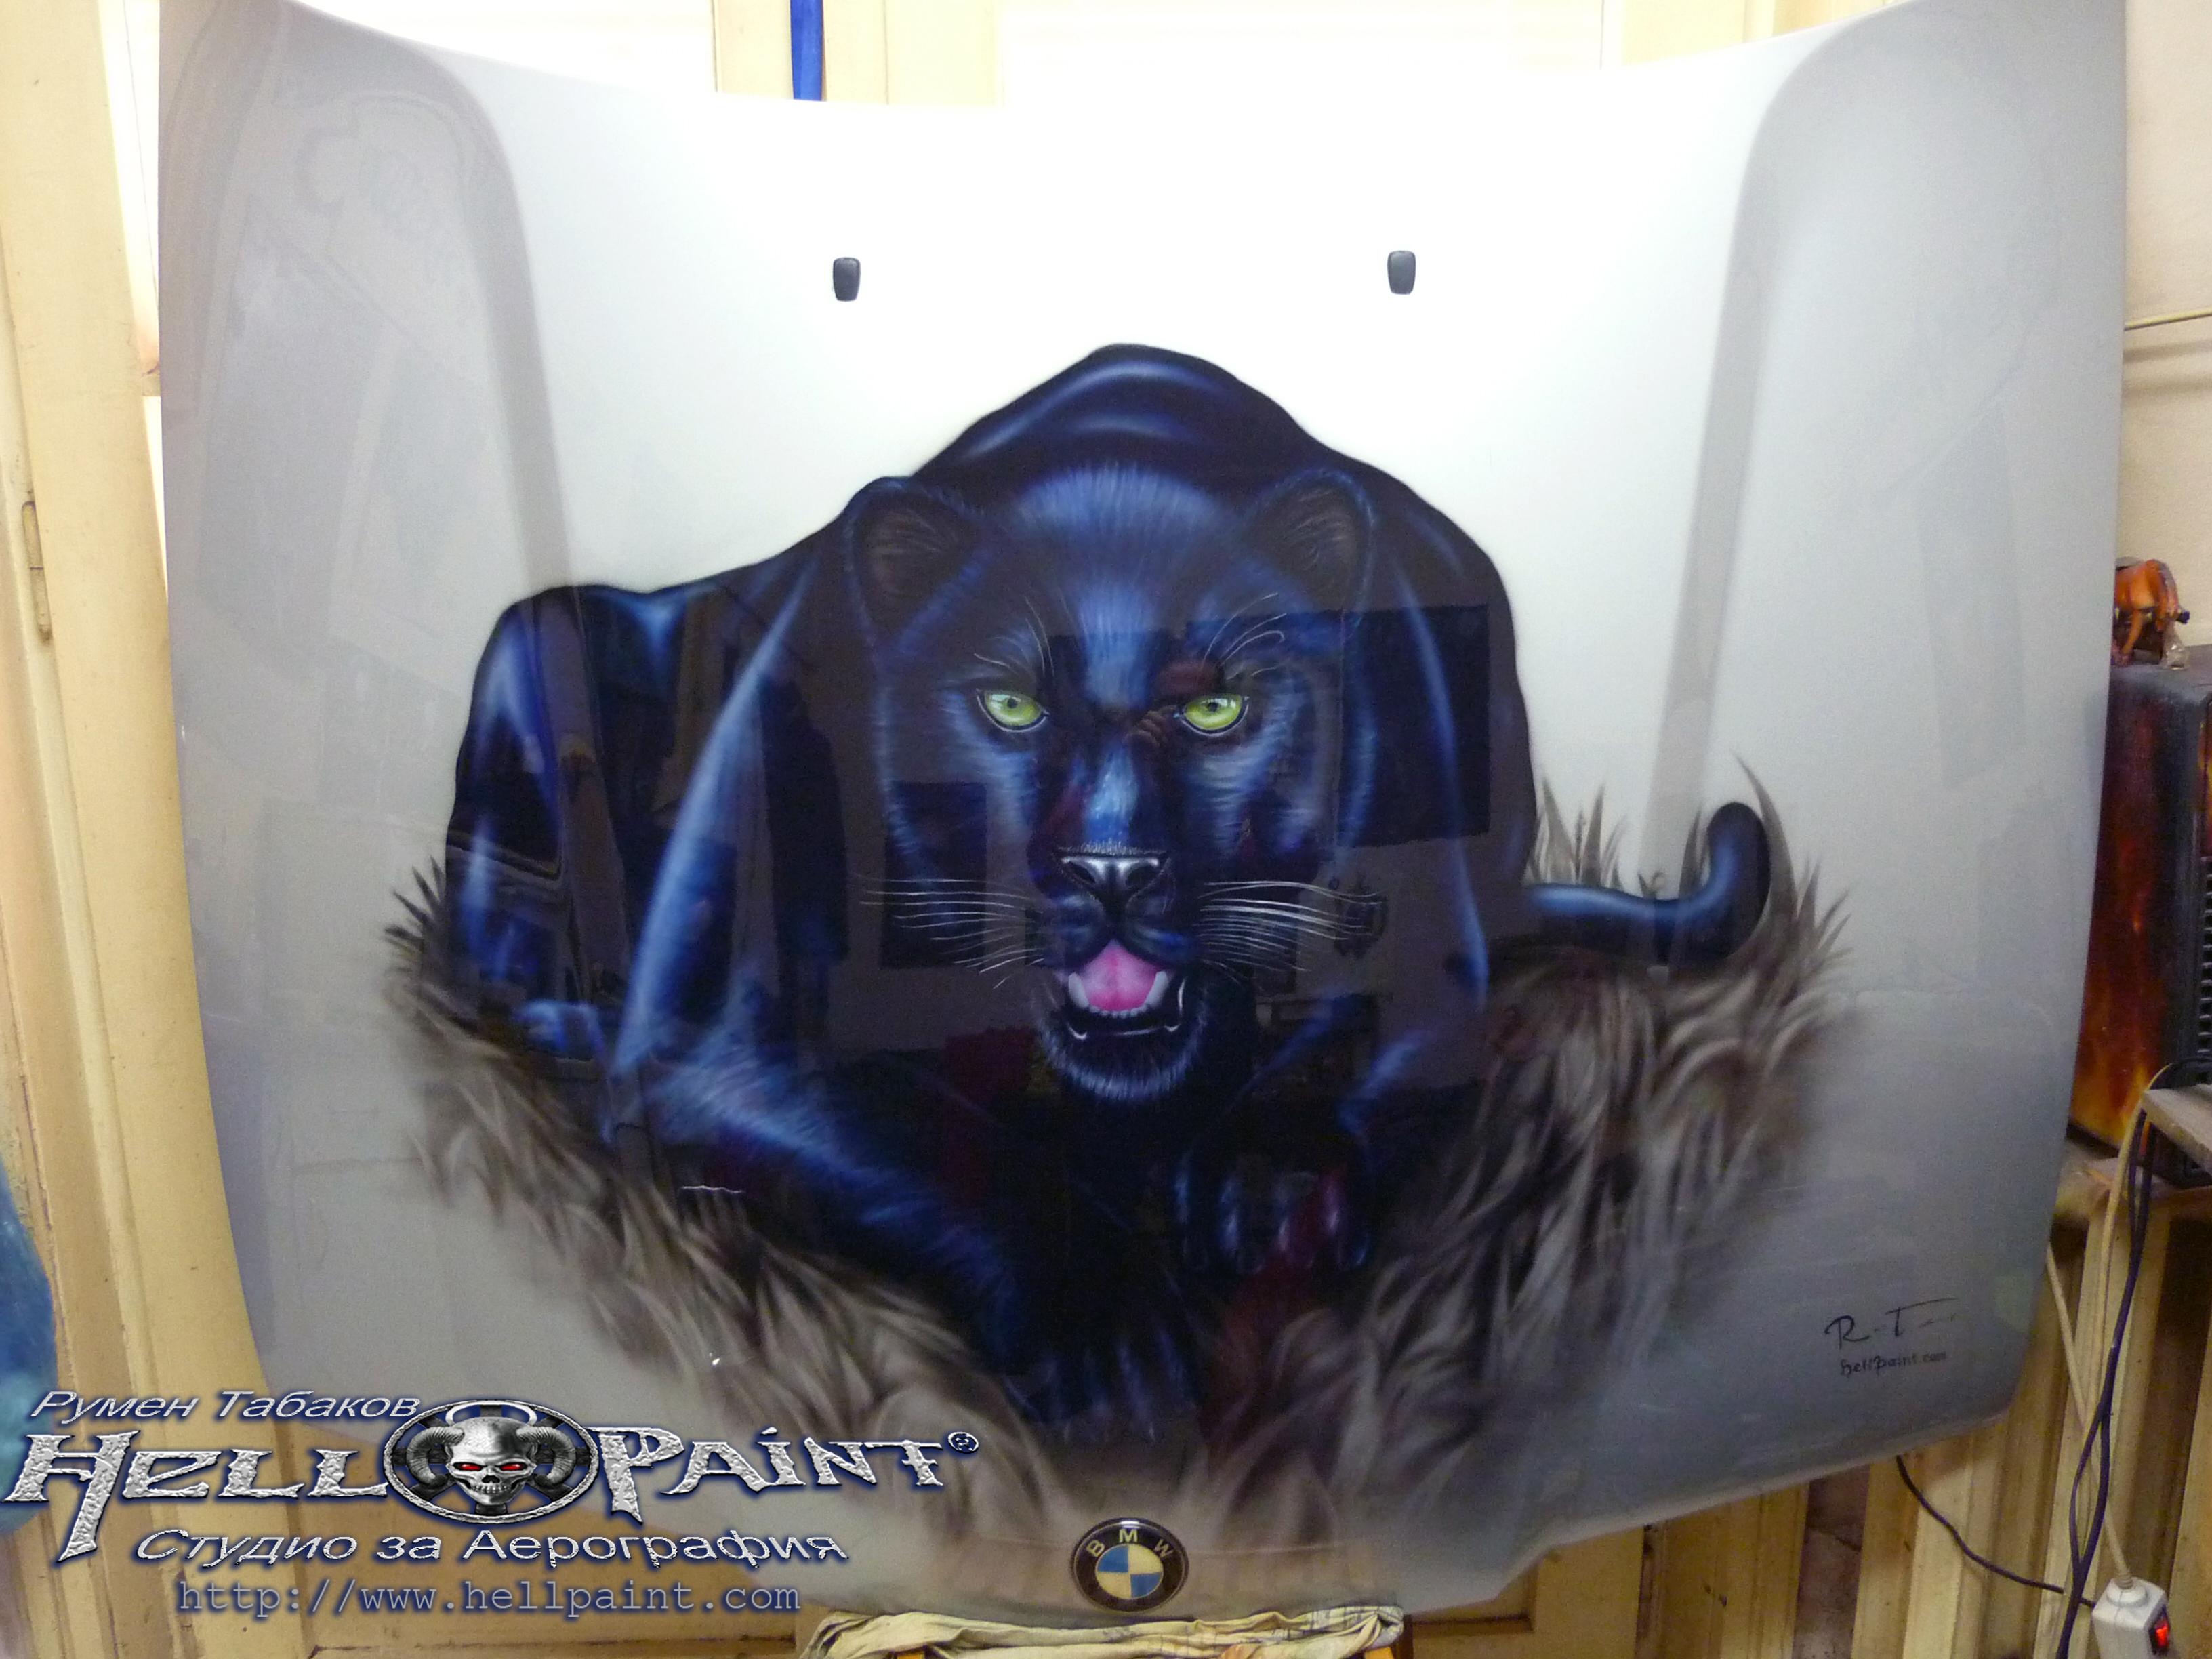 Black panther airbrushing